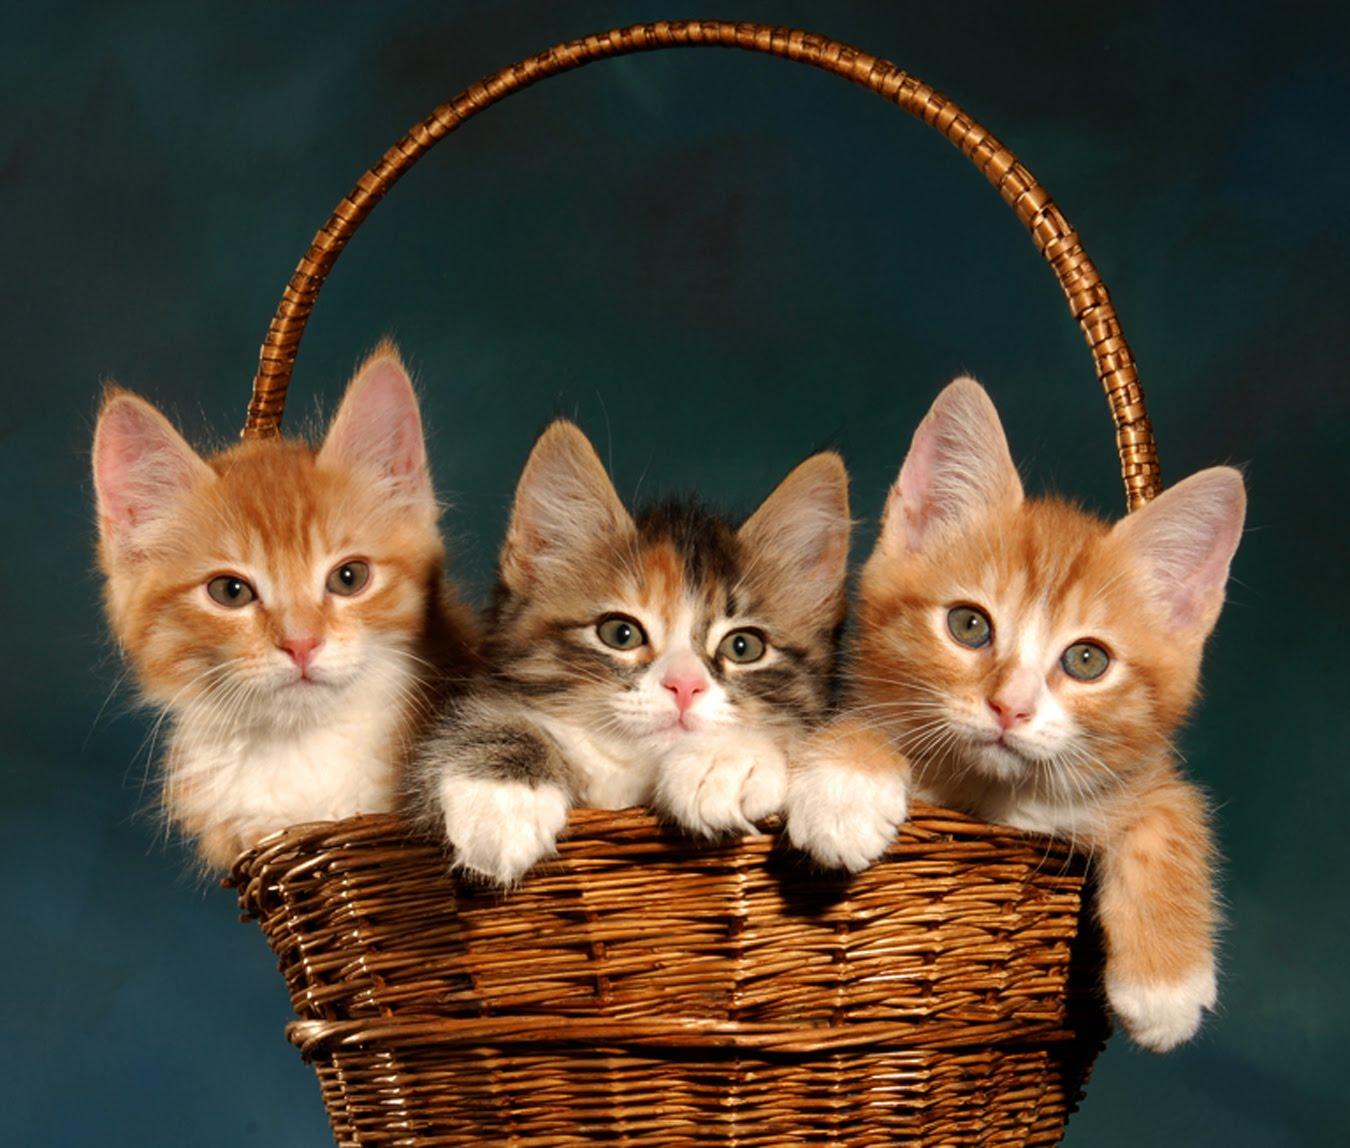 http://3.bp.blogspot.com/_aNyX2j6uY5Q/TKrHb4iDqAI/AAAAAAAAAxg/BuHZ9oVjo0c/s1600/KittiesInABasketbg.jpg